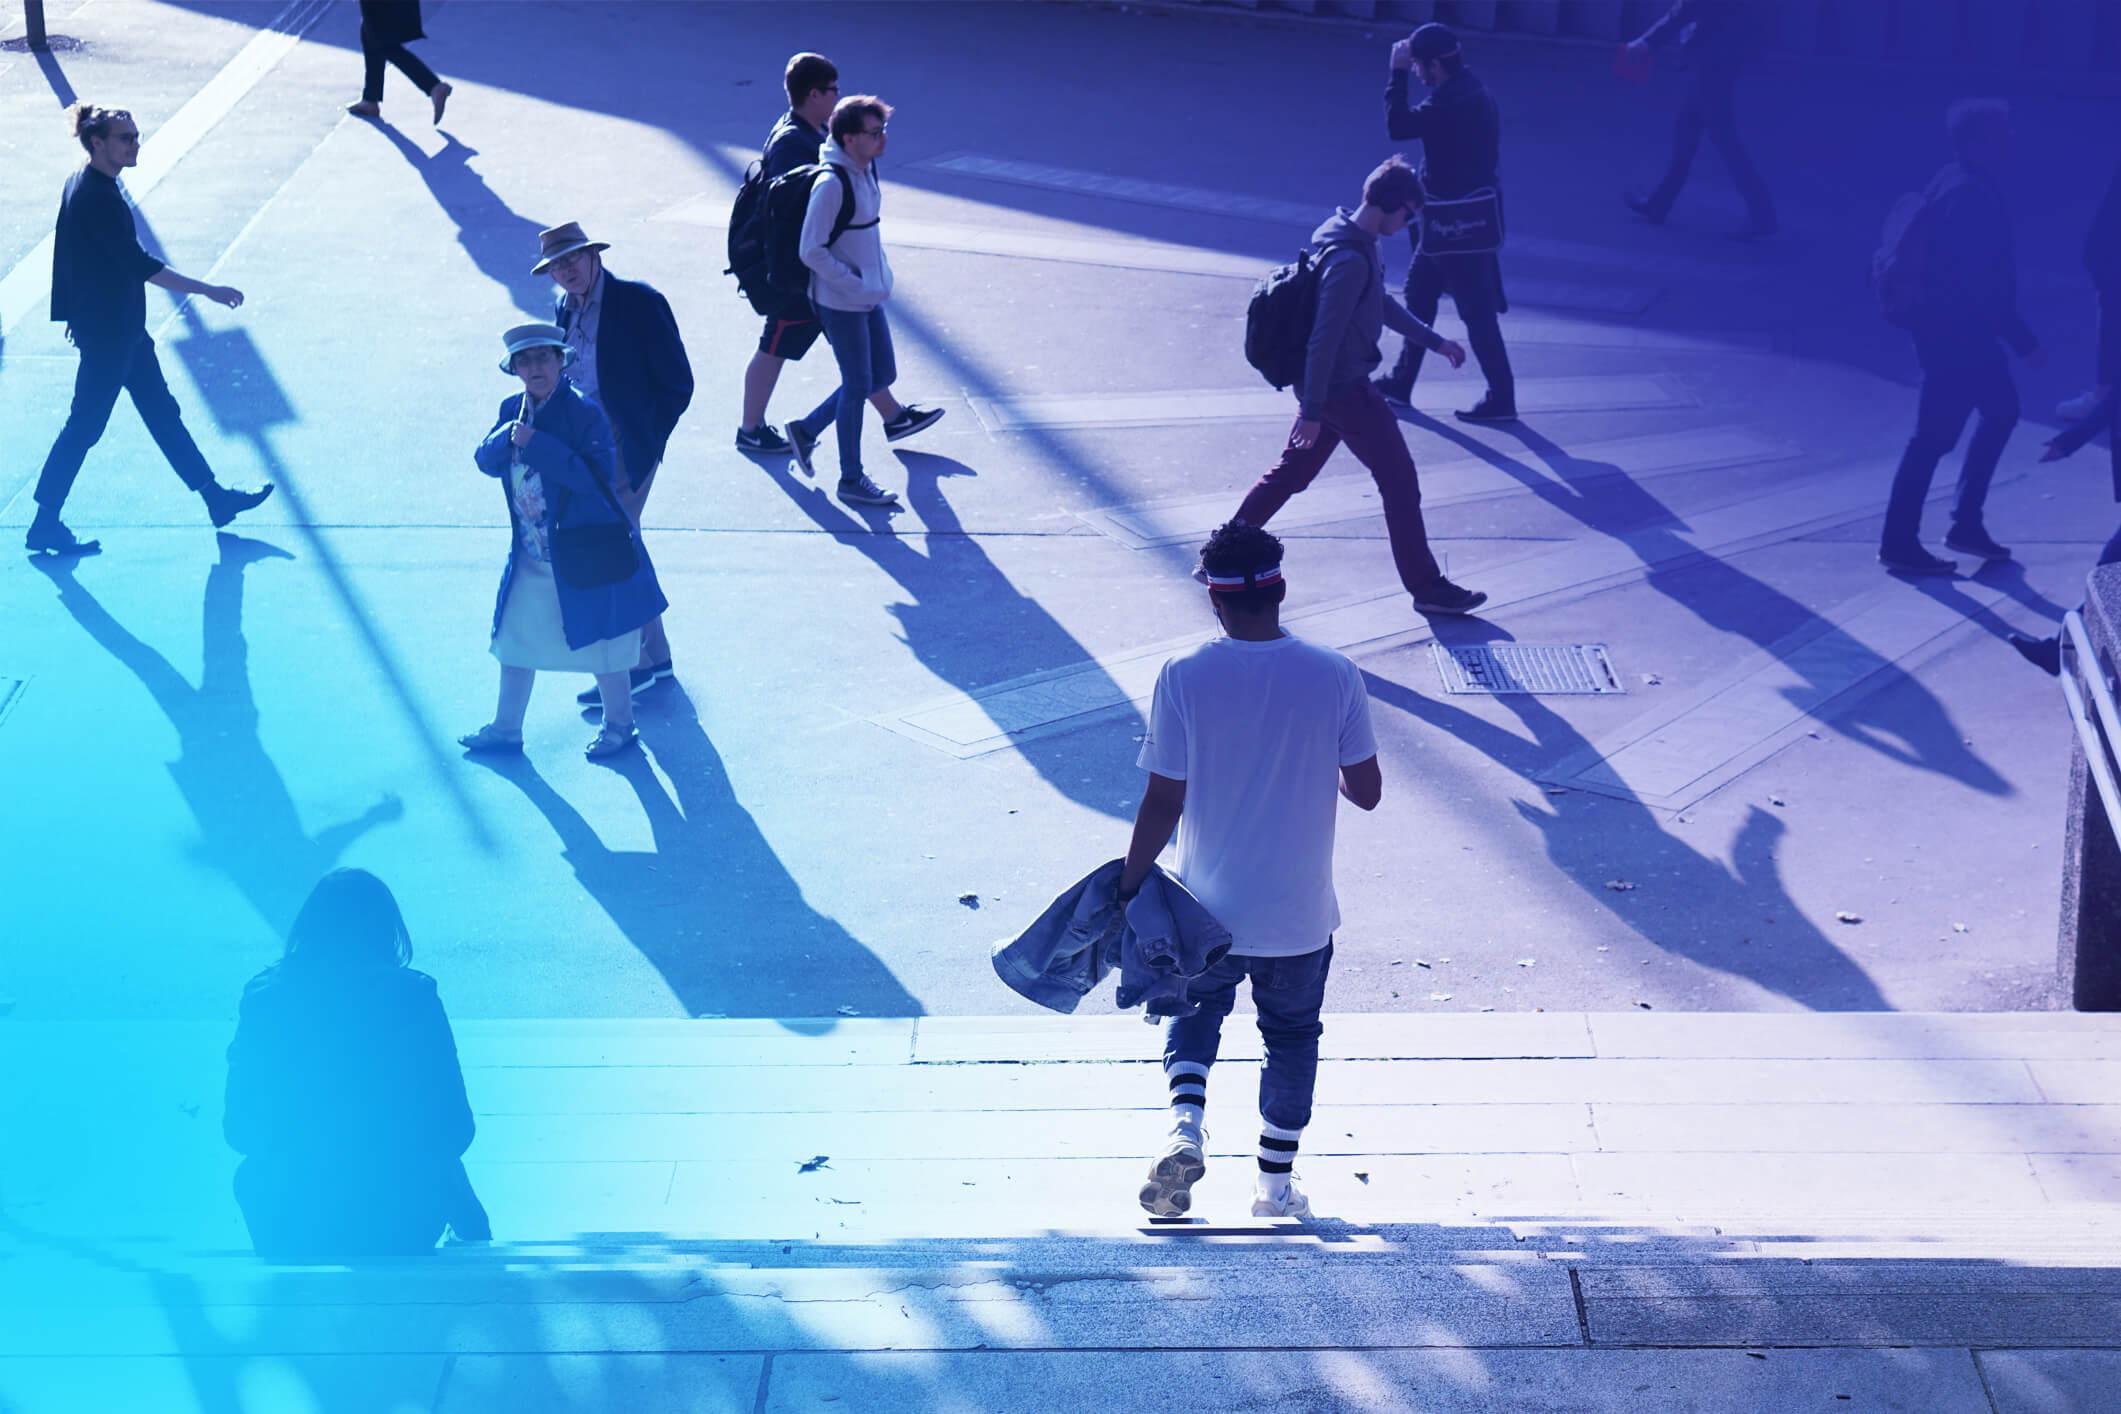 Positiv Psykologi människor i stadsmiljö interagerar